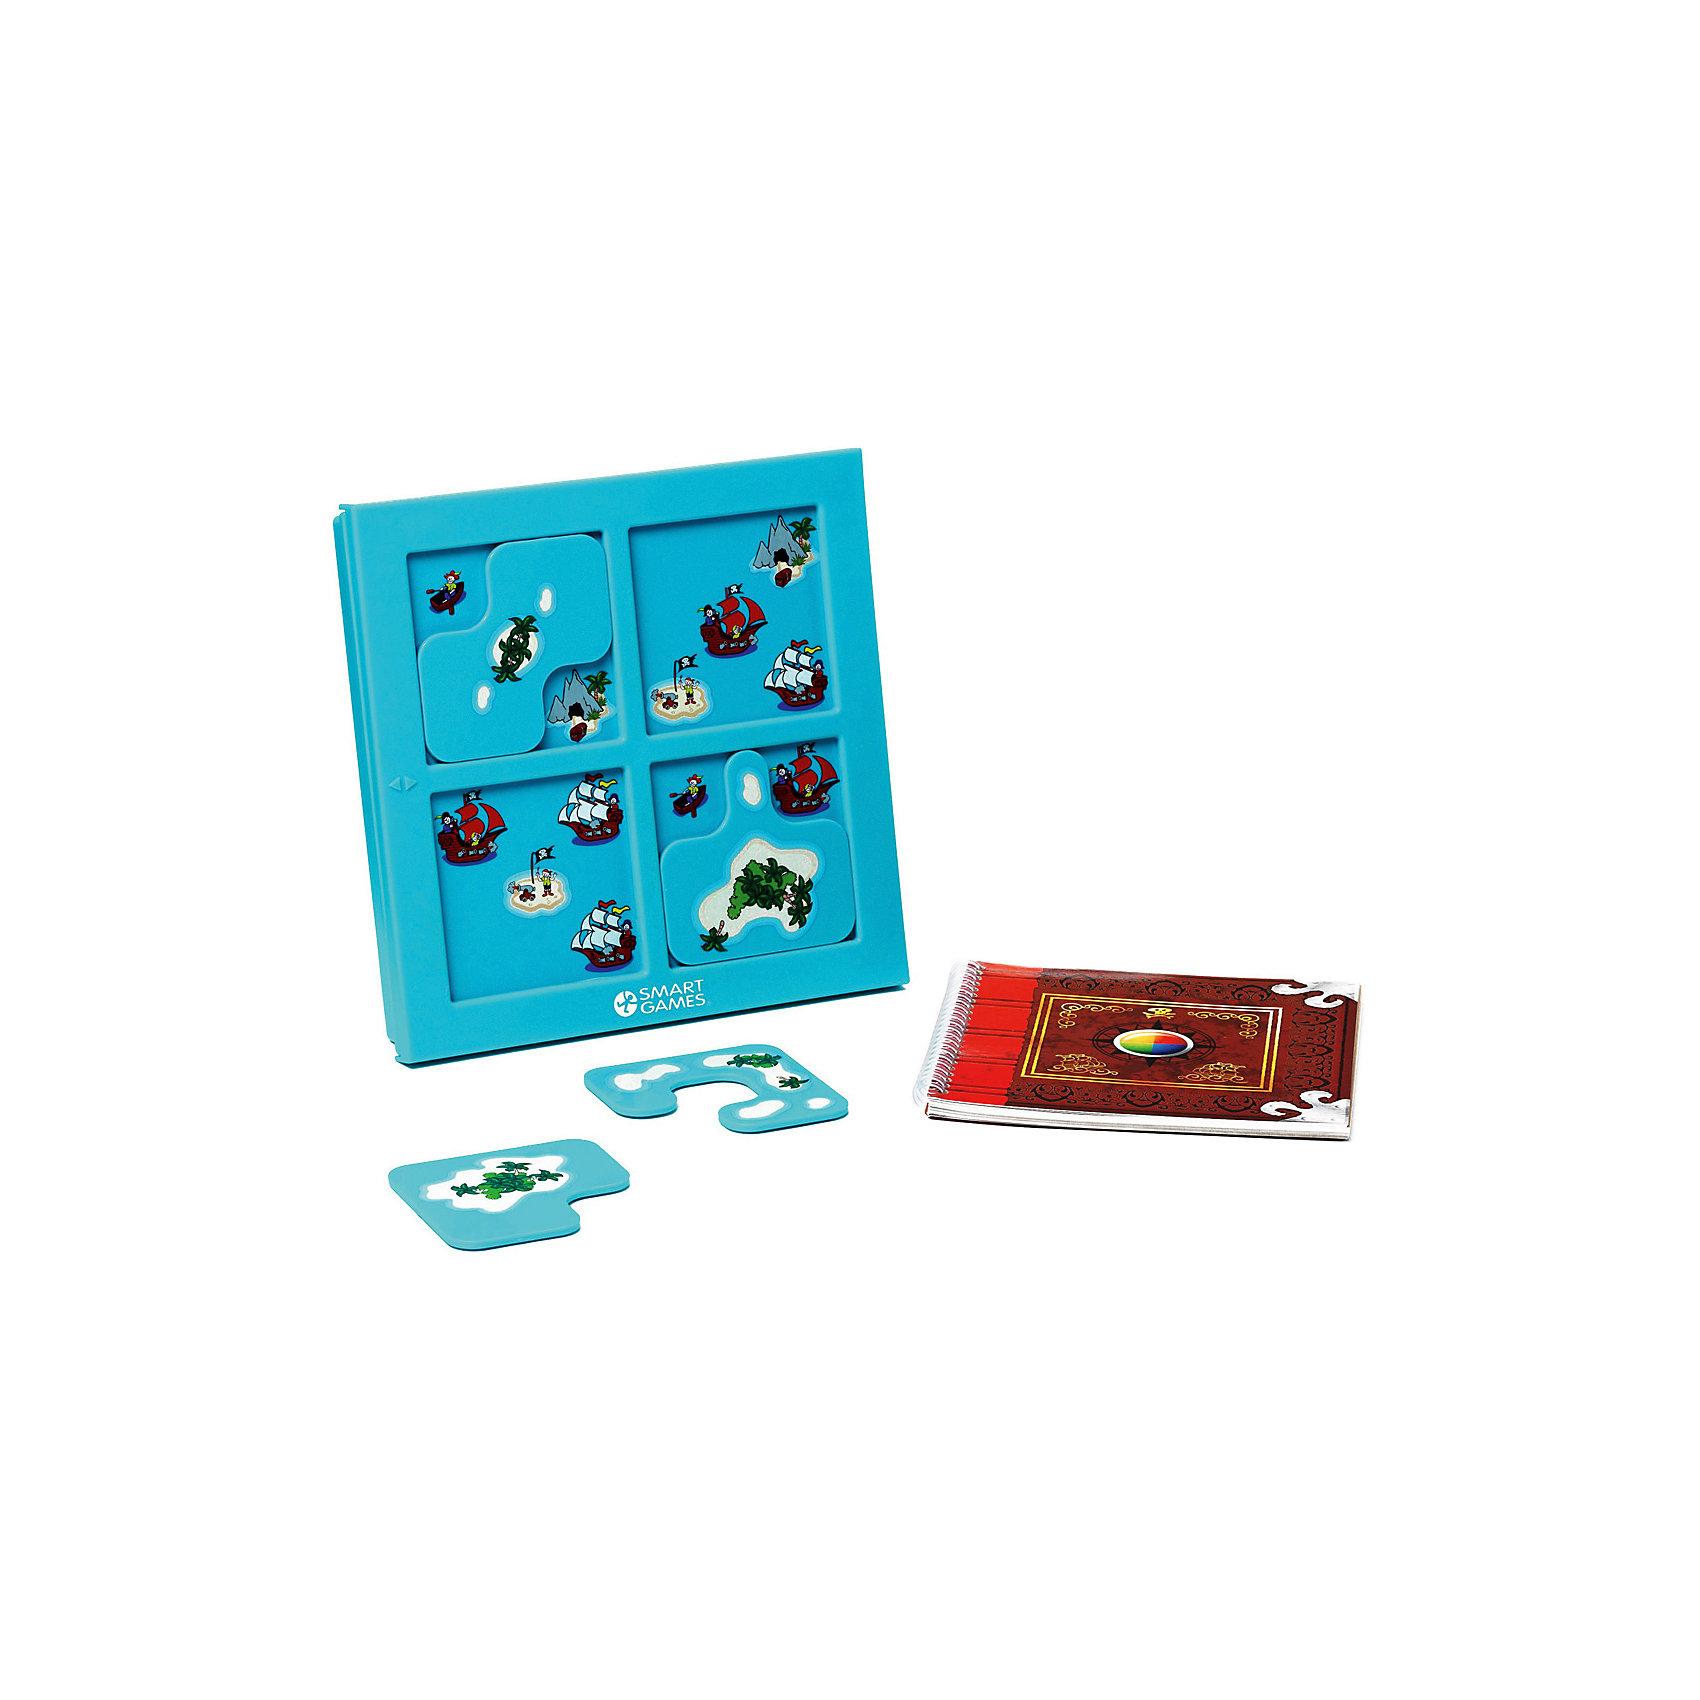 Логическая игра Прятки, пираты, BondibonНастольные игры<br>Характеристики:<br><br>• Вид игр: настольные игры<br>• Пол: универсальный<br>• Материал: пластик, бумага, картон<br>• Количество игроков: 1<br>• Количество уровней сложности: 4<br>• Количество заданий: 48<br>• Размер (Д*Ш*В): 24*5*24 см<br>• Вес: 635 г<br>• Комплектация: рамка-игровое поле, пазлы, буклет с заданиями, инструкция<br><br>Логическая игра Прятки, пираты, Bondibon – это настольная игра от всемирно известного производителя детских игр развивающей и обучающей направленности. Smart Games – это серия логических игр, предназначенная для одного игрока с несколькими уровнями сложности и множеством заданий. Цель игры Прятки, пираты заключается в том, чтобы выставить игровые пазлы на поле таким образом, как это изображено в задании. Элементы игры выполнены из качественного и безопасного пластика, упакованы в картонную коробку. В комплекте имеется инструкция с правилами игры и буклет с заданиями.<br><br>Логические игры Smart Games от Bondibon научат ребенка логическому и пространственному мышлению, концентрации внимания и выработке индивидуальной тактики решения игровых задач. Настольные игры от Bondibon – залог развития успешности вашего ребенка в будущем! <br><br>Логическую игру Прятки, пираты, Bondibon можно купить в нашем интернет-магазине.<br><br>Ширина мм: 240<br>Глубина мм: 50<br>Высота мм: 240<br>Вес г: 739<br>Возраст от месяцев: 60<br>Возраст до месяцев: 120<br>Пол: Унисекс<br>Возраст: Детский<br>SKU: 5121949